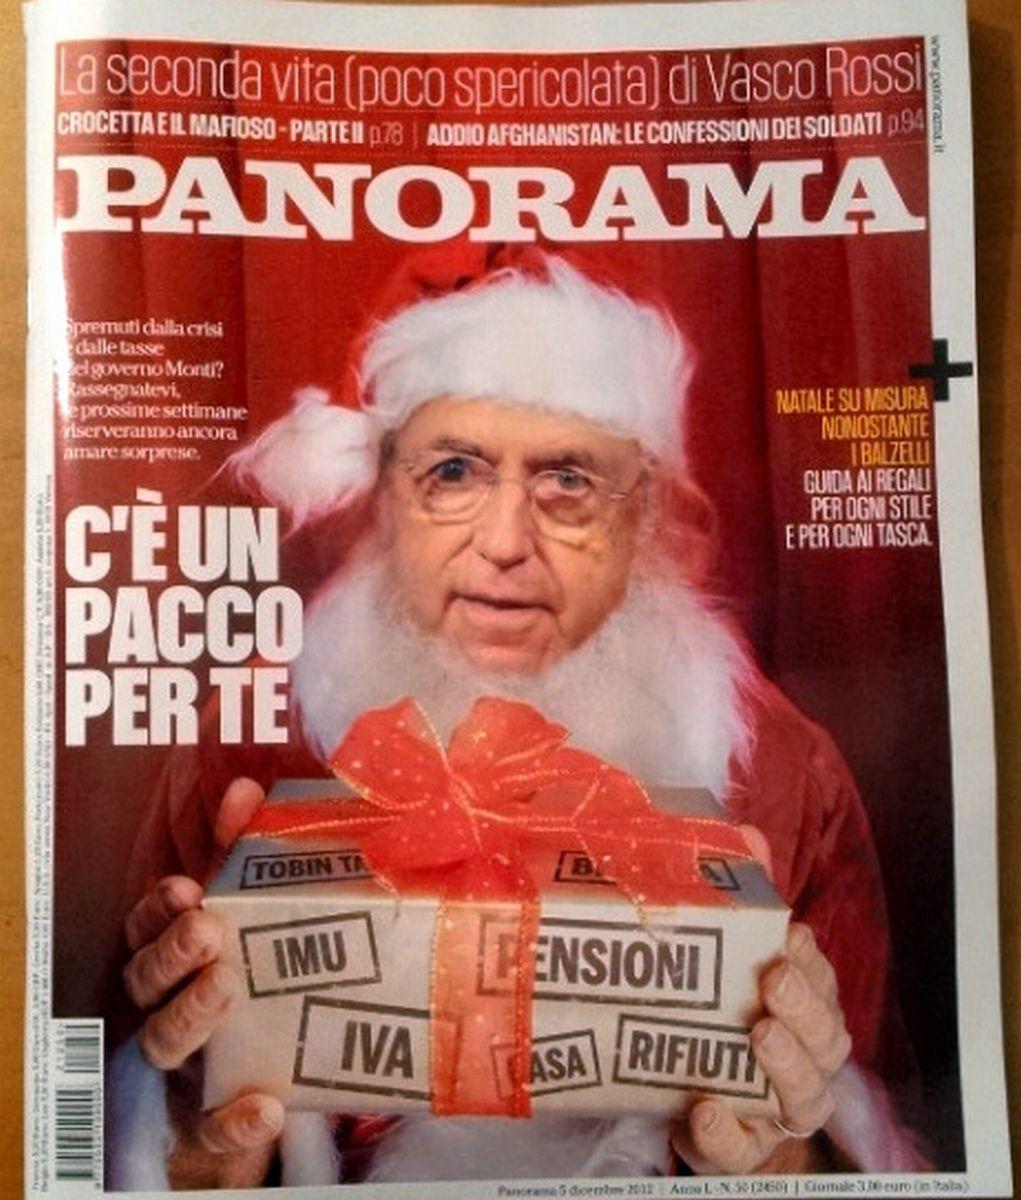 写真・図版 : マリオ・モンティ首相(当時)を表紙にあしらったイタリア誌。「増税案」のプレゼントを手にしたサンタクロース姿だ。国民に不評の緊縮策をやゆしたもの=2012年12月